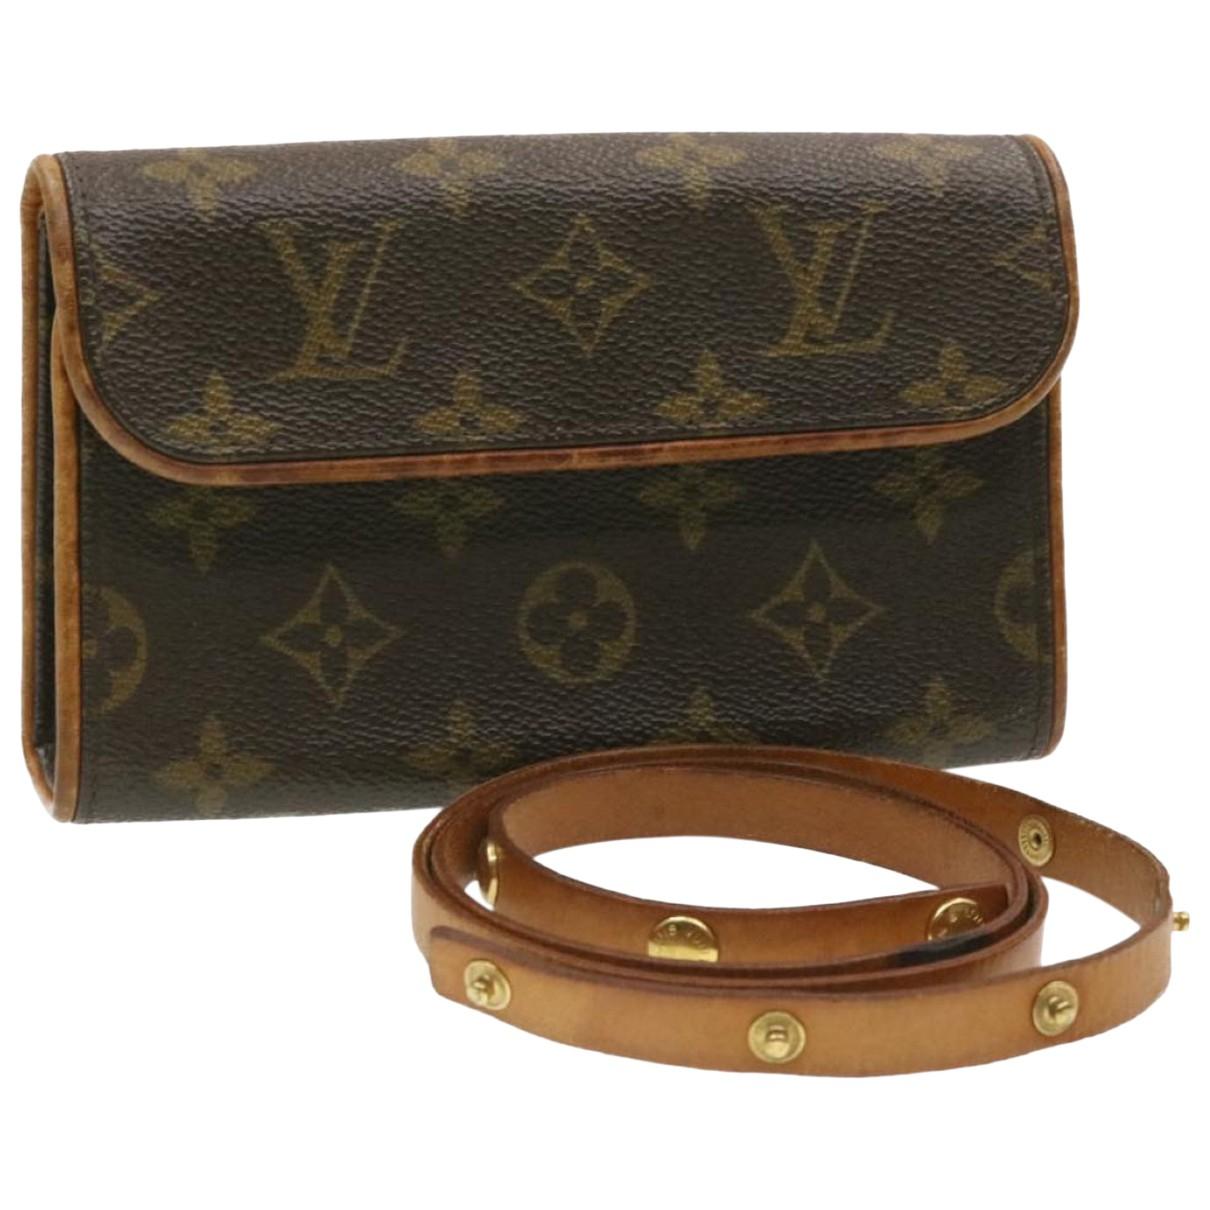 Louis Vuitton - Pochette Florentine pour femme en toile - marron